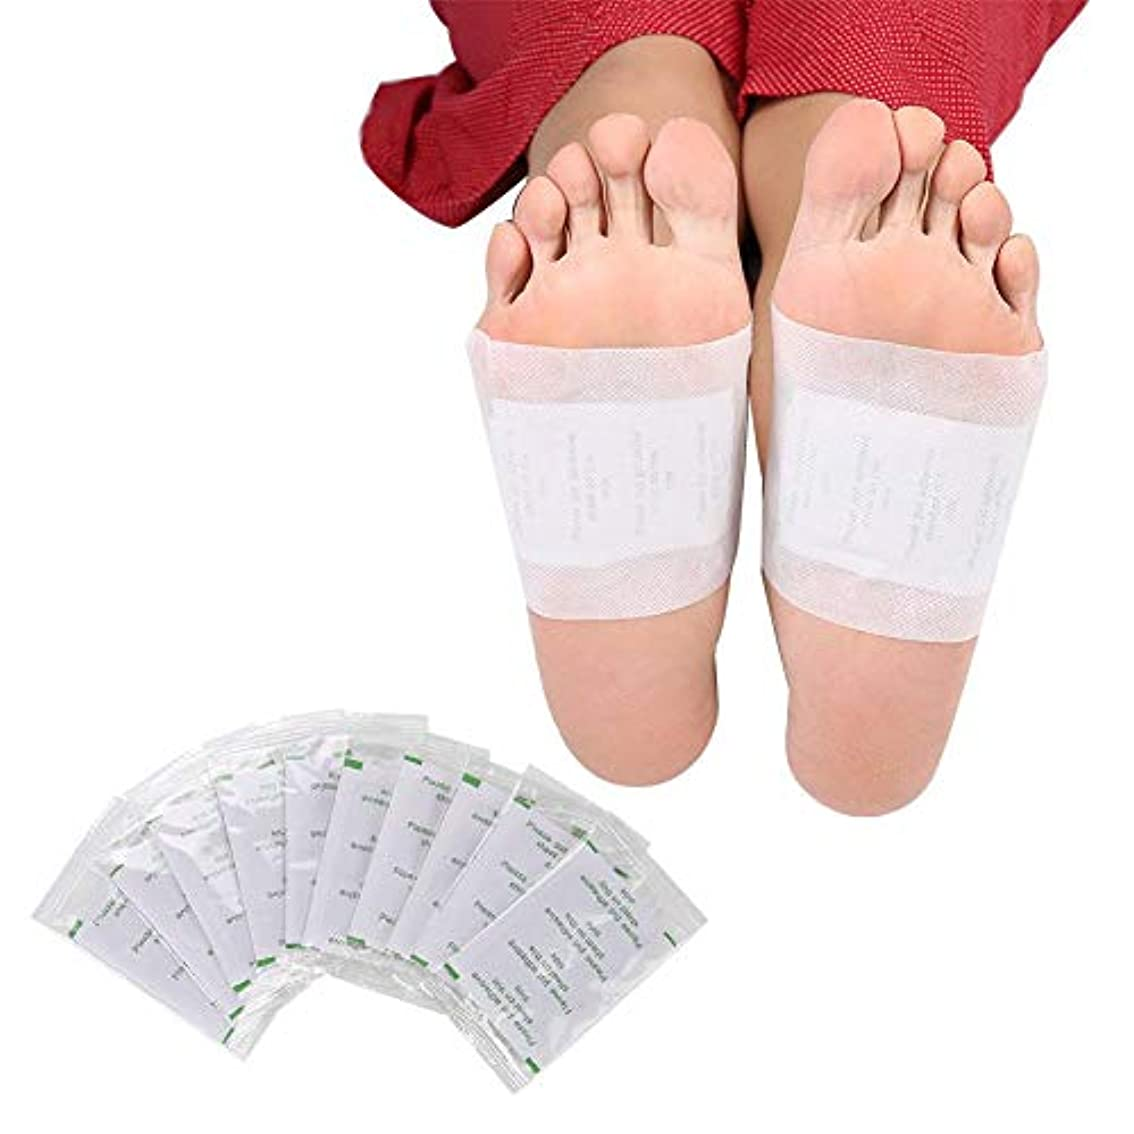 スズメバチ類似性腐敗したボディデトックスフットパッチ、女性と男性の看護の足に最適なヘルスケアフット接着パッド除去毒素ストレス回復